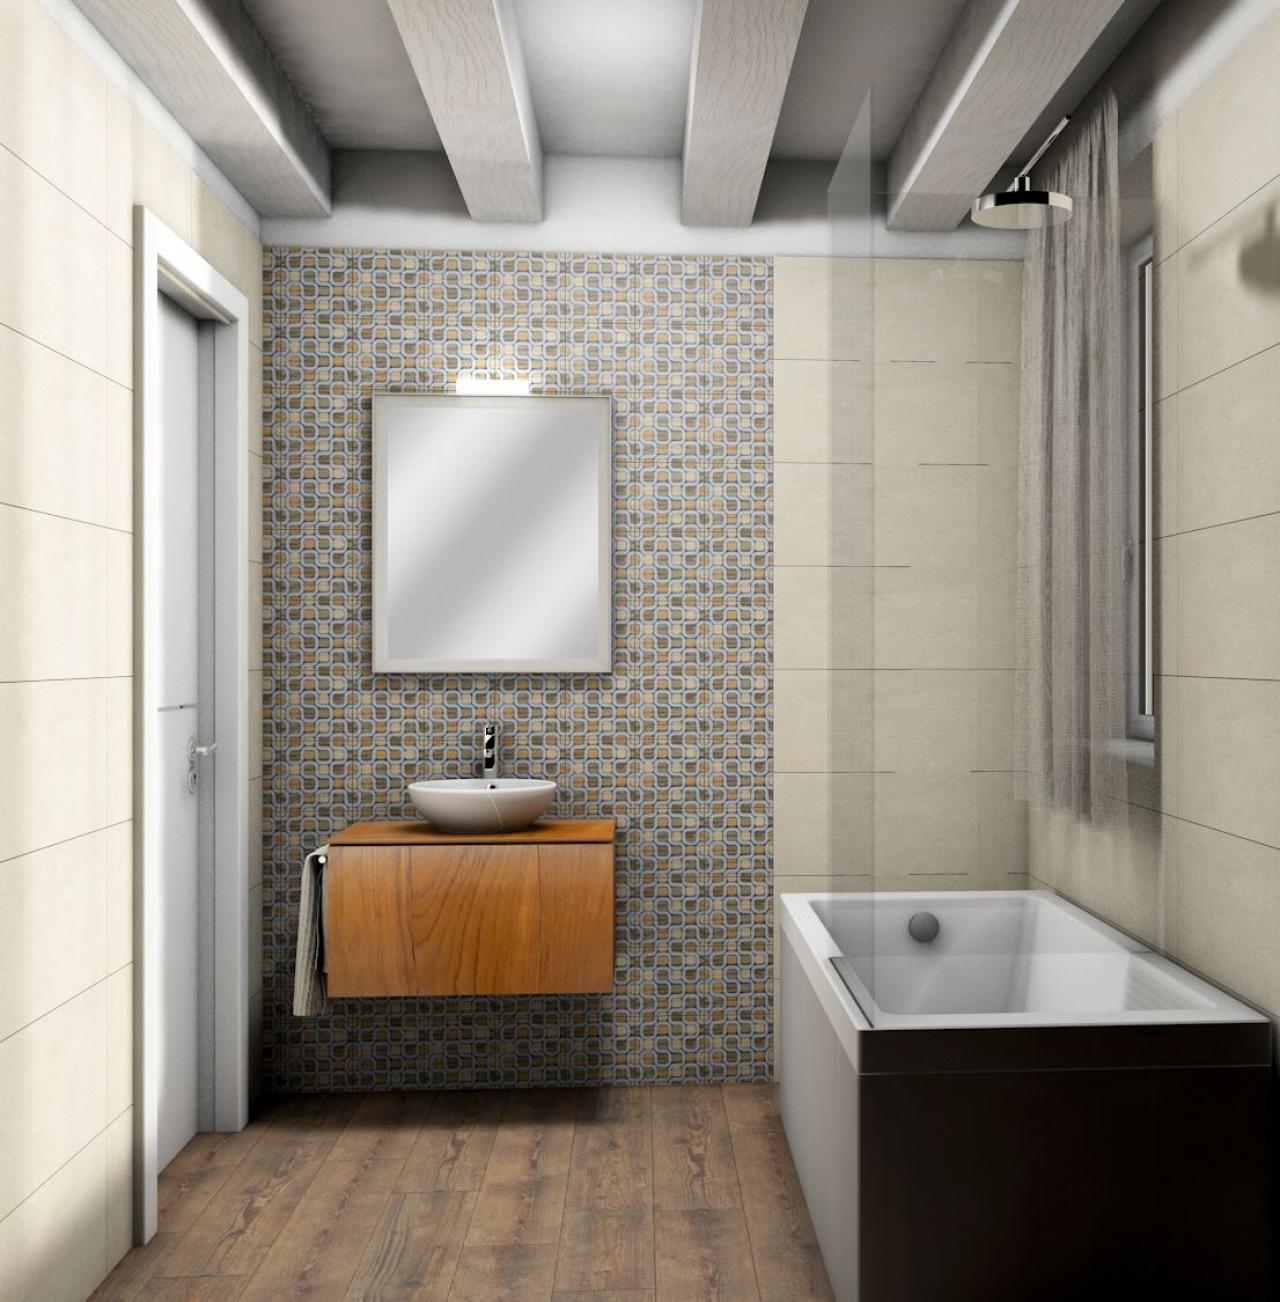 Rimodernare bagno rimodernare bagno latest coprire le piastrelle del bagno with with - Pannelli per coprire piastrelle bagno ...